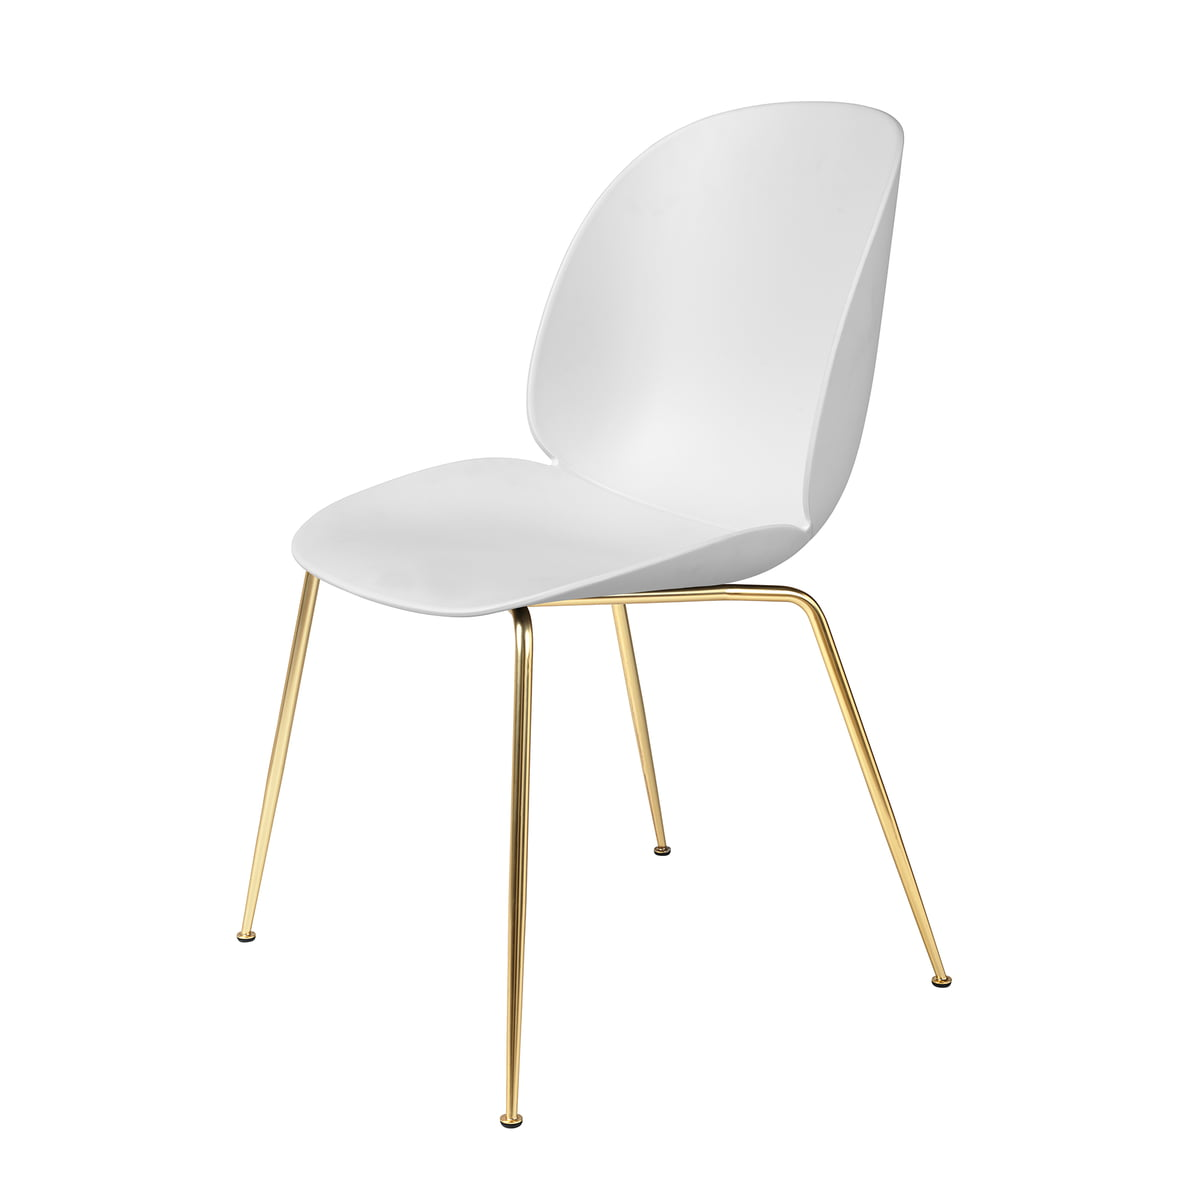 Kjempebra Køb den koniske Beetle stol fra Gubi UD-28